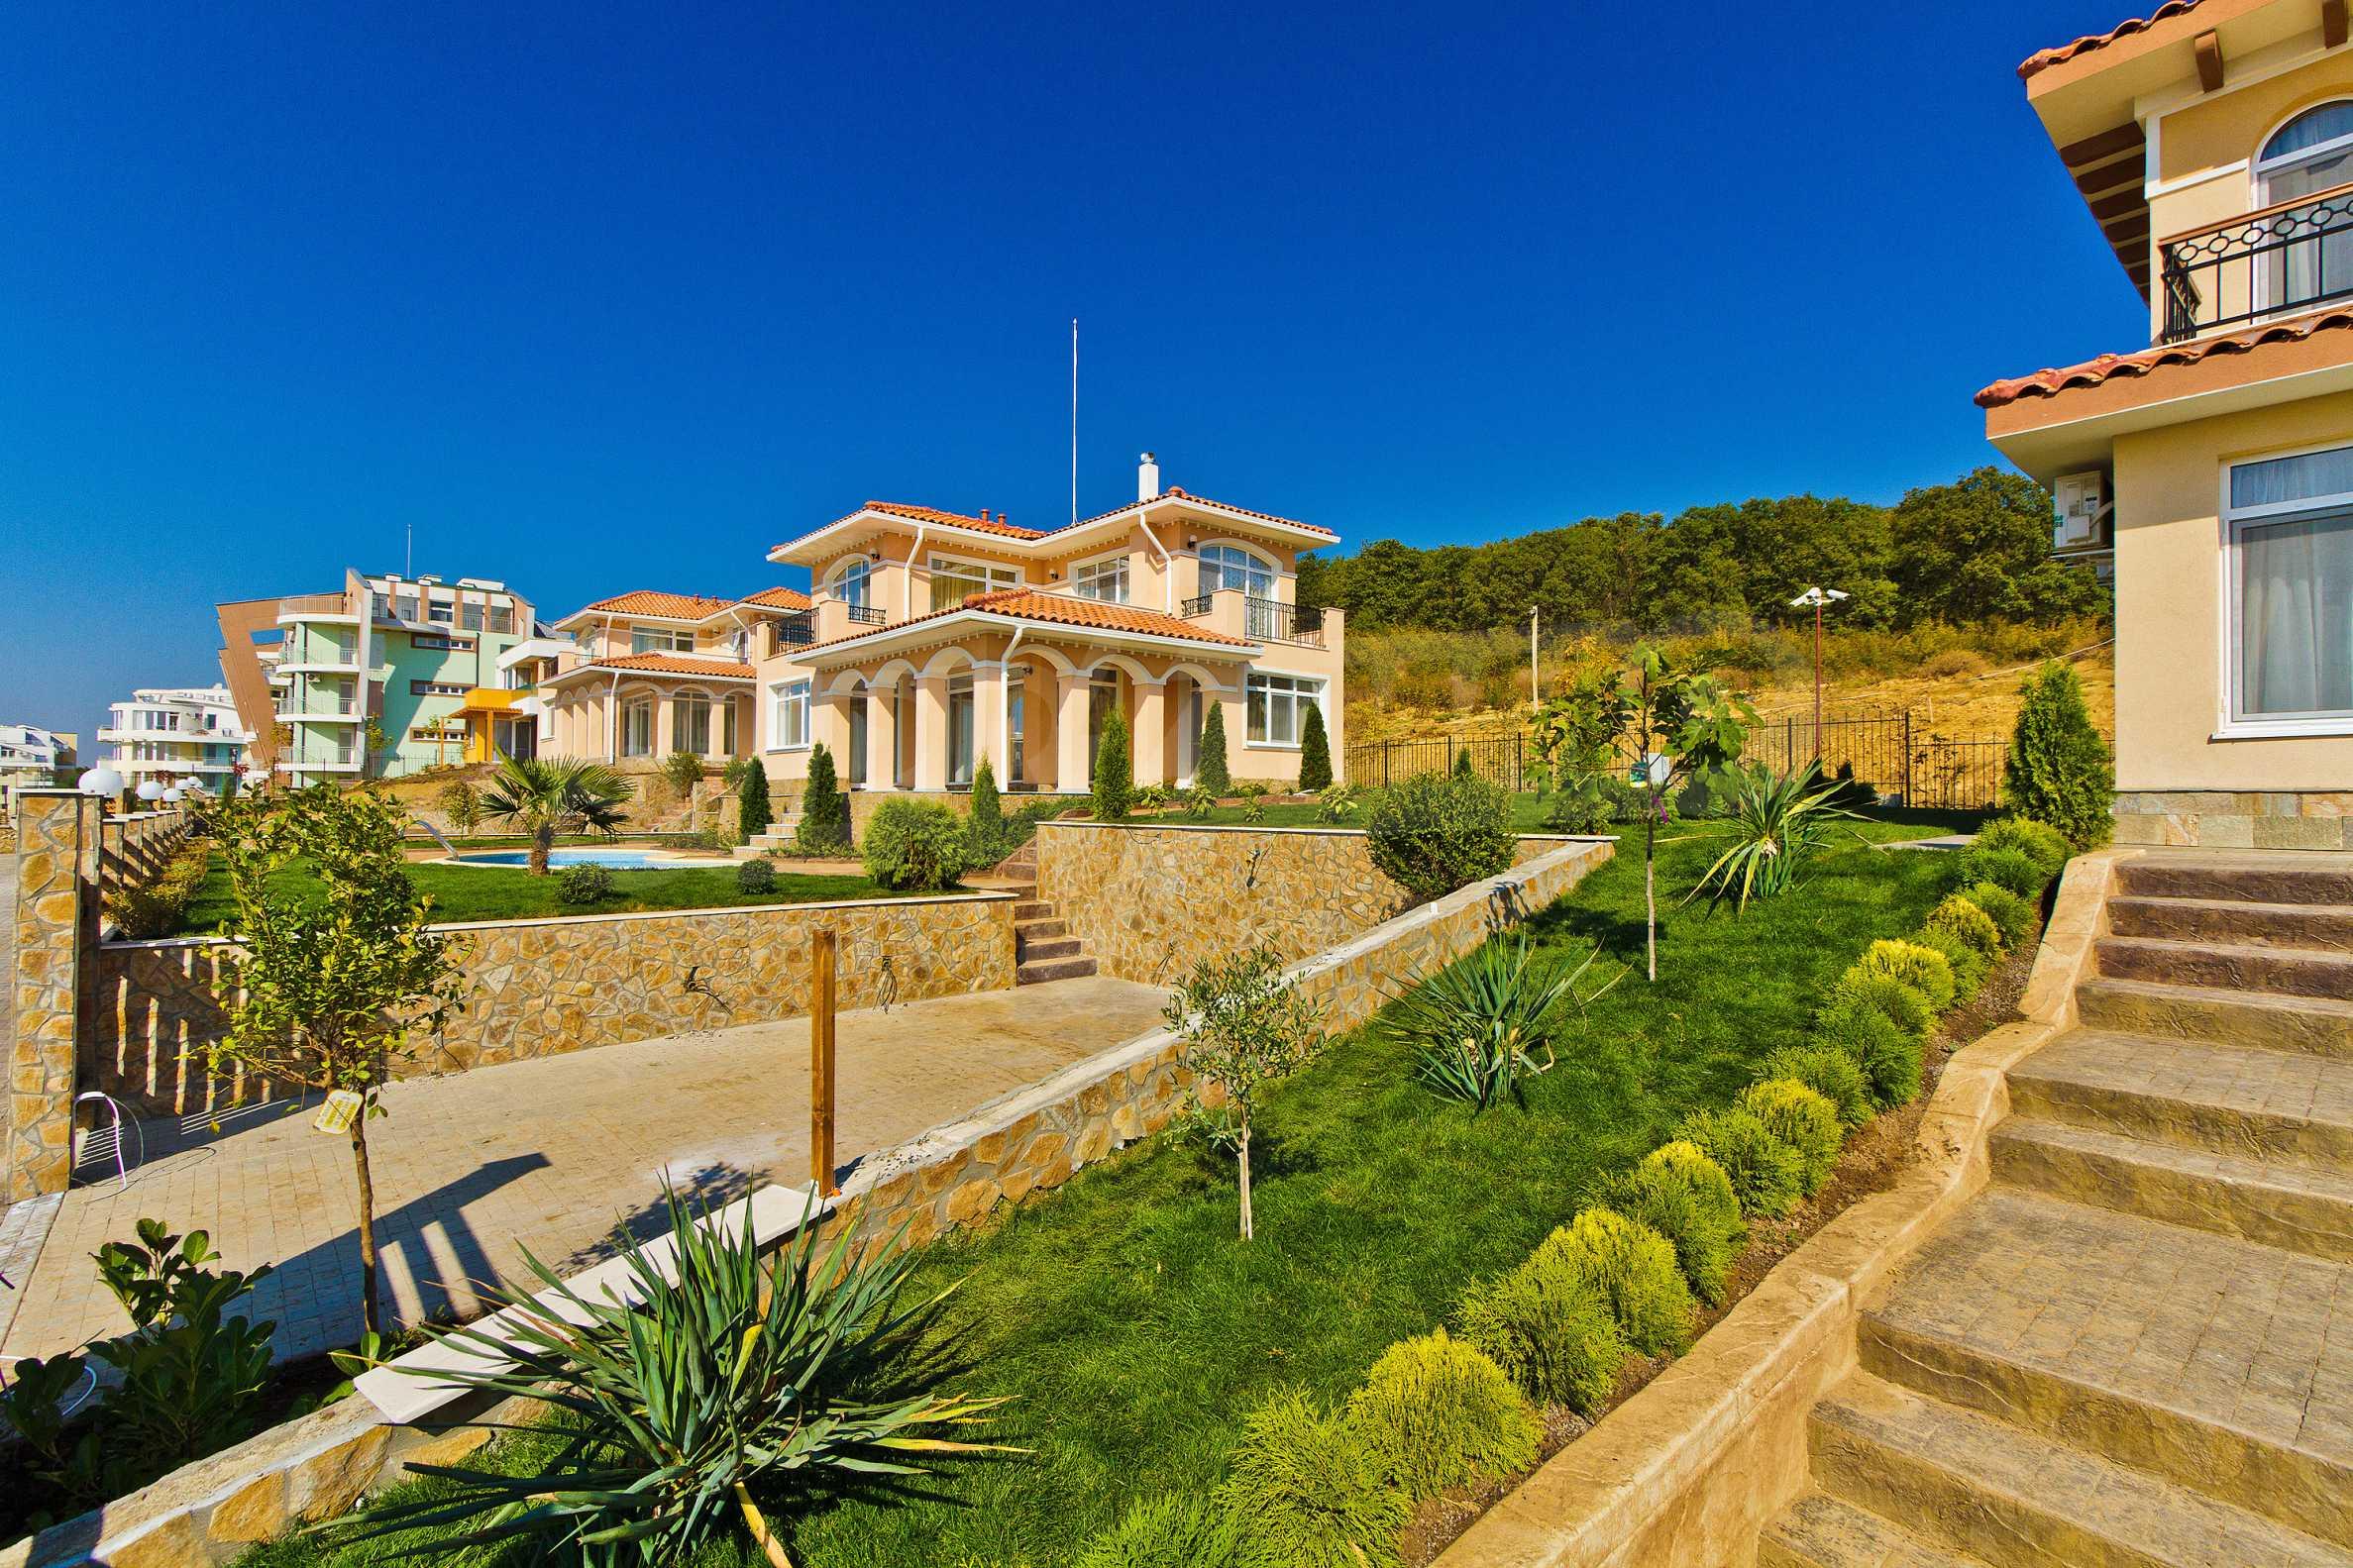 Erschlossene Grundstücke in der luxuriösen Villa-Siedlung SUNSET VILLAS 14